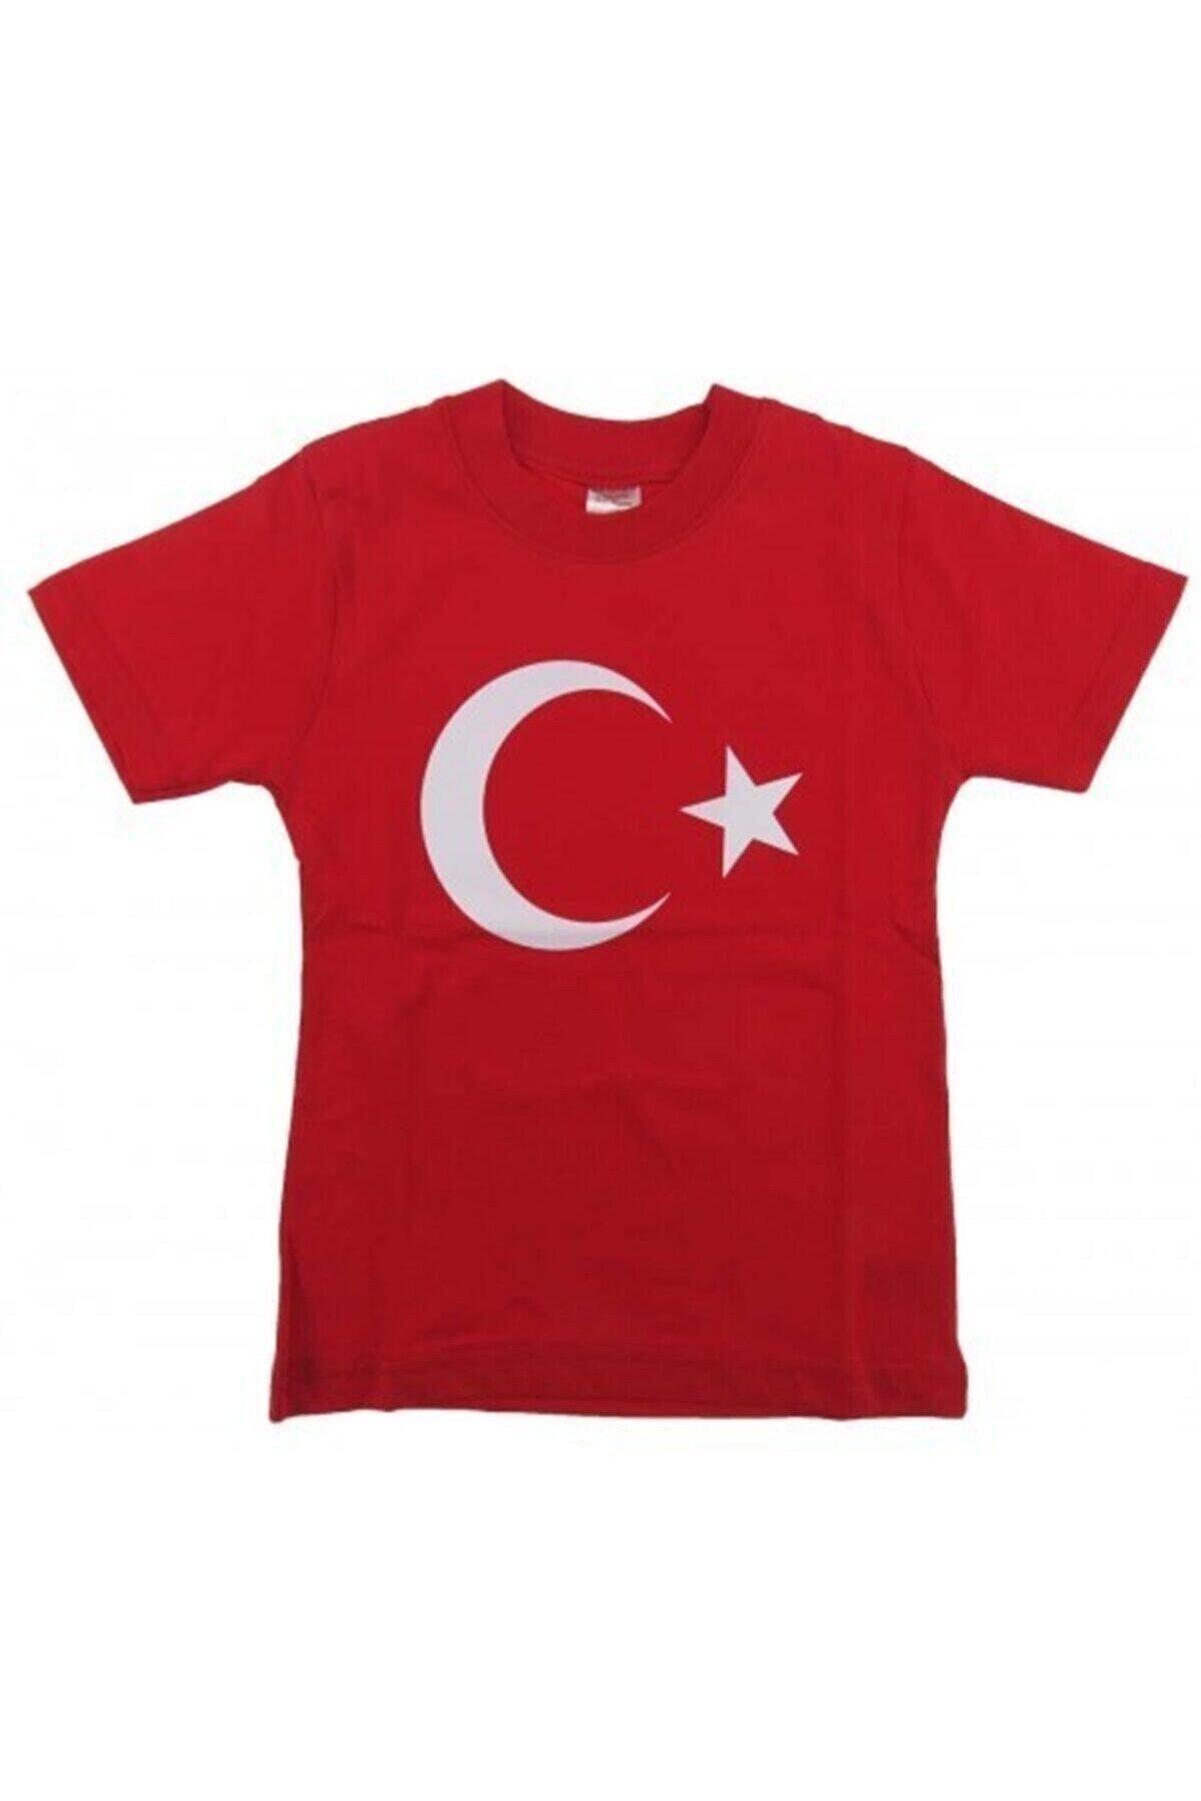 ŞİMŞEKOĞLU Çocuk Kırmızı Ay Yıldız Türk Bayraklı T-shirt